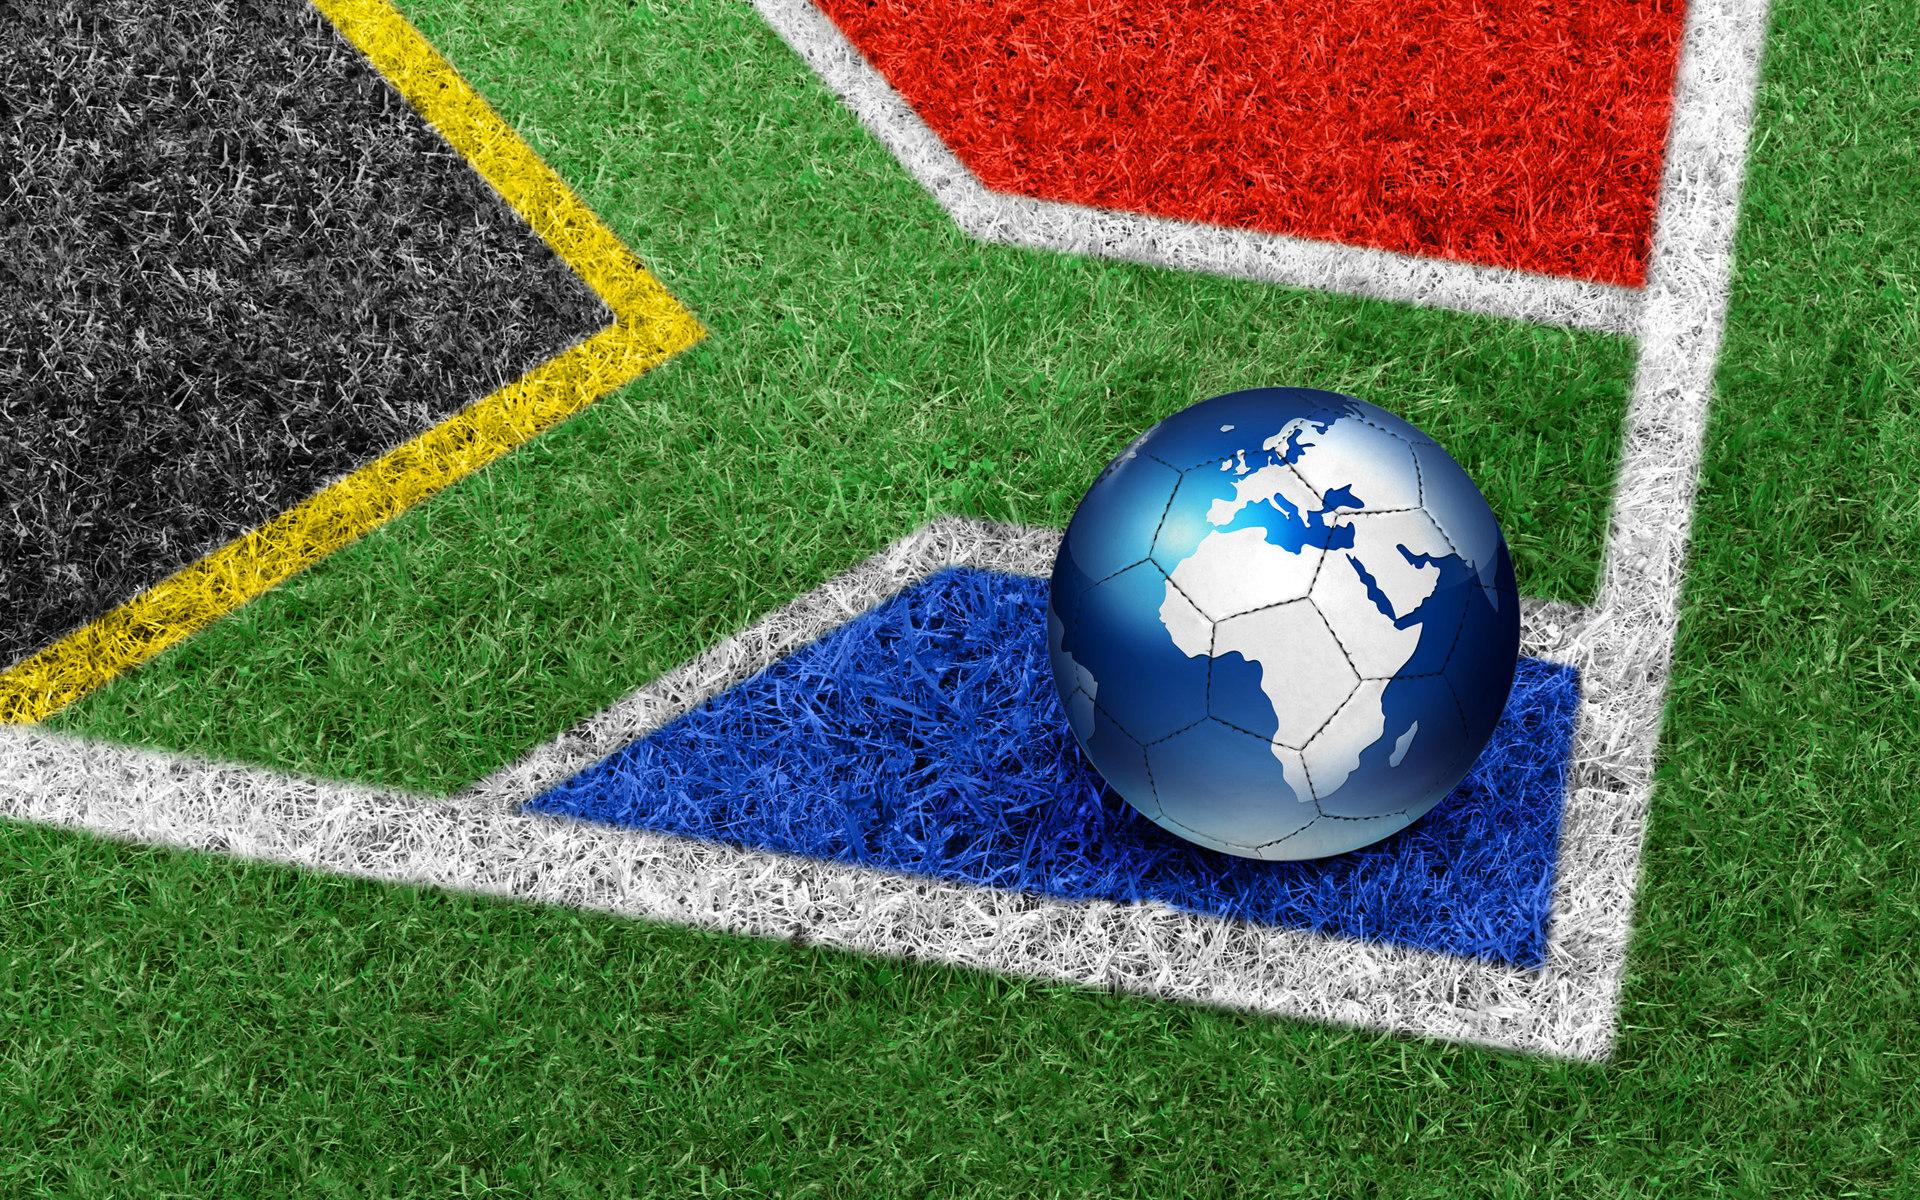 Футбол, стадион, газон, фото обои для рабочего стола